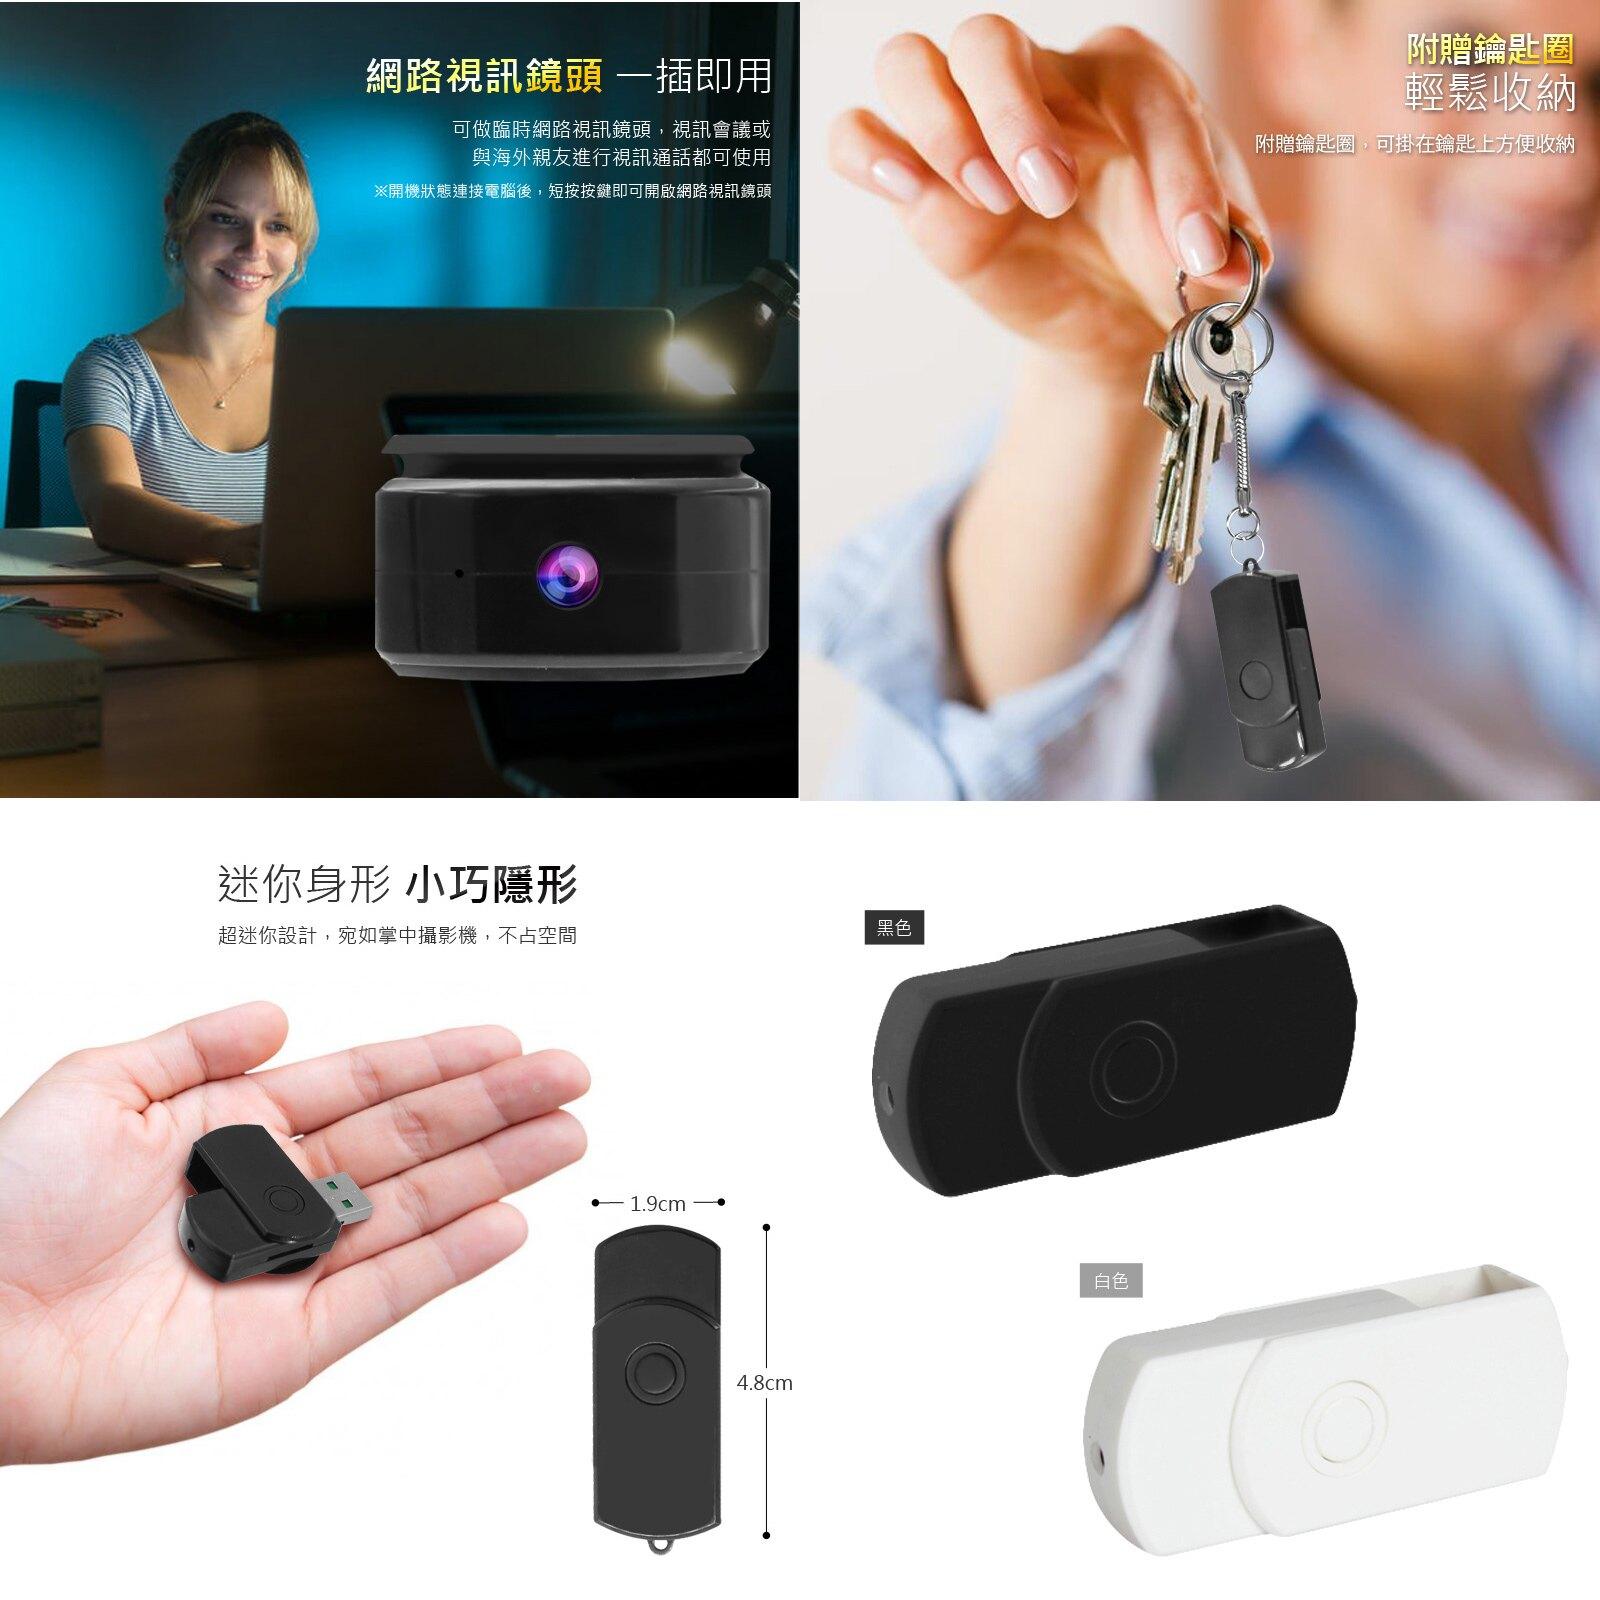 U-DISK USB隨身碟960P攝影機 秘密錄影/拍照/錄音 微型攝影 針孔